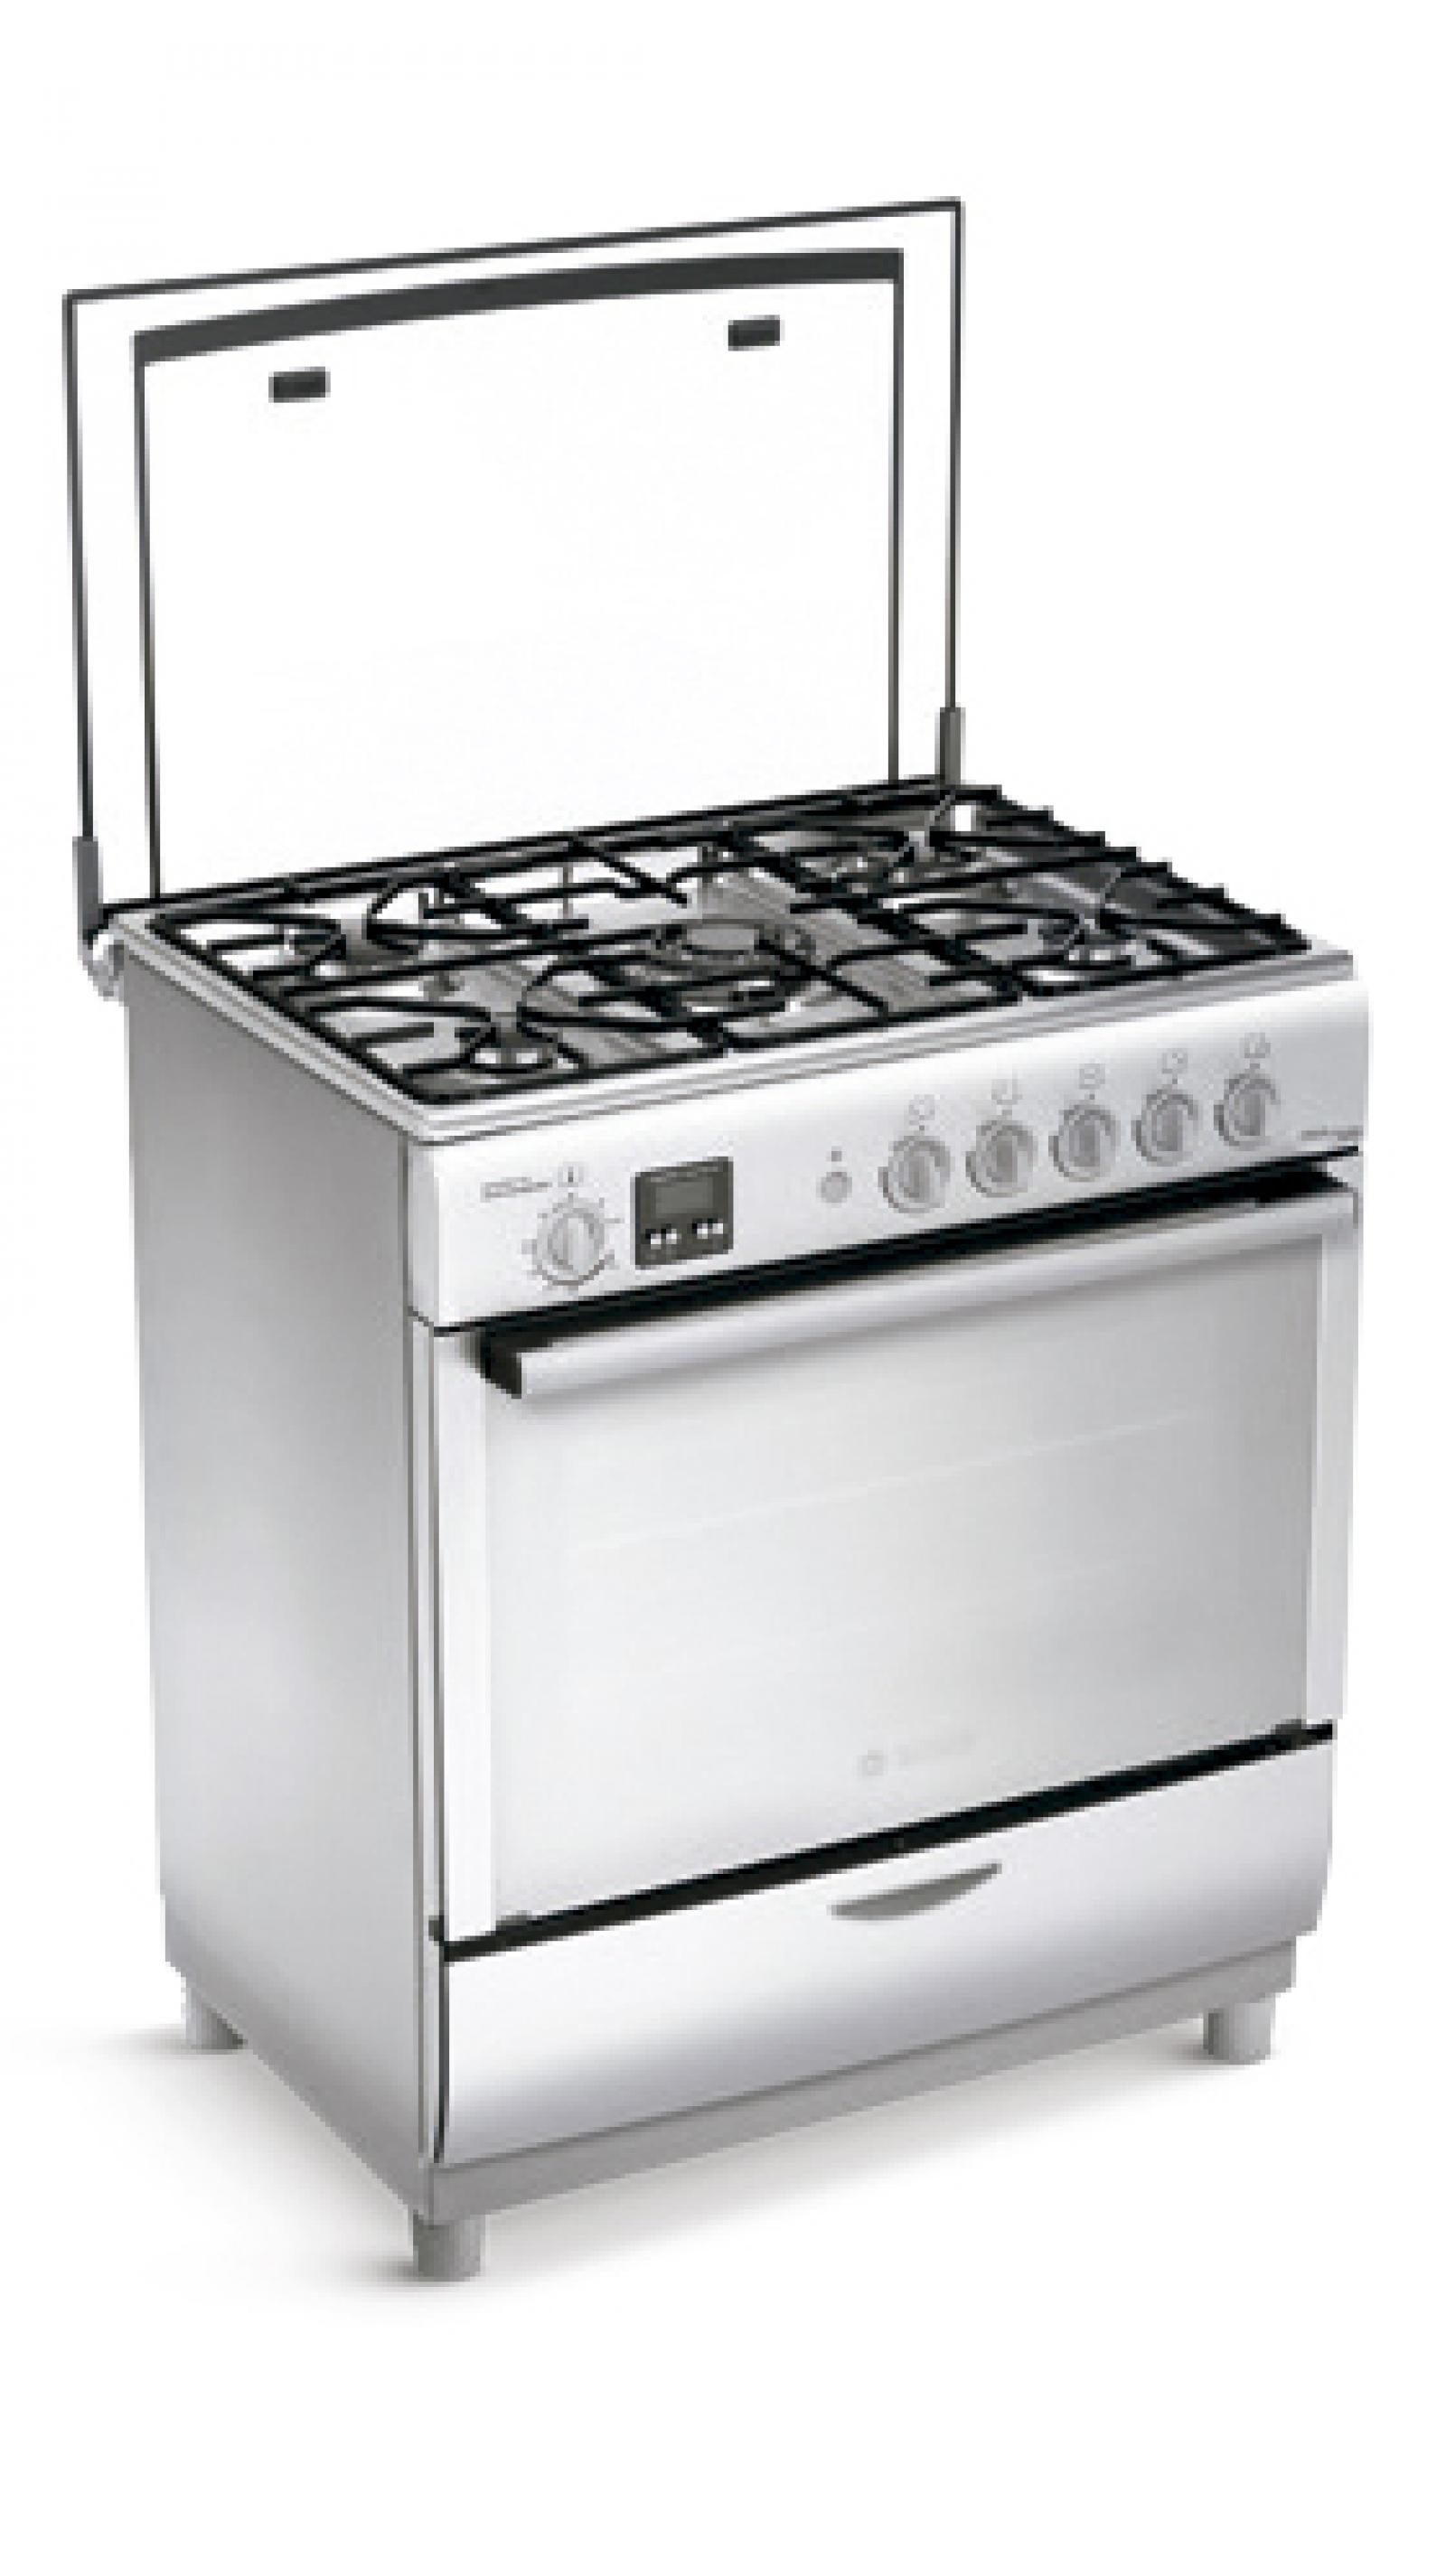 Bosch Cocinas | Cocina Bosch Pro 7300 Inox Connect Linea Blanca Oechsle